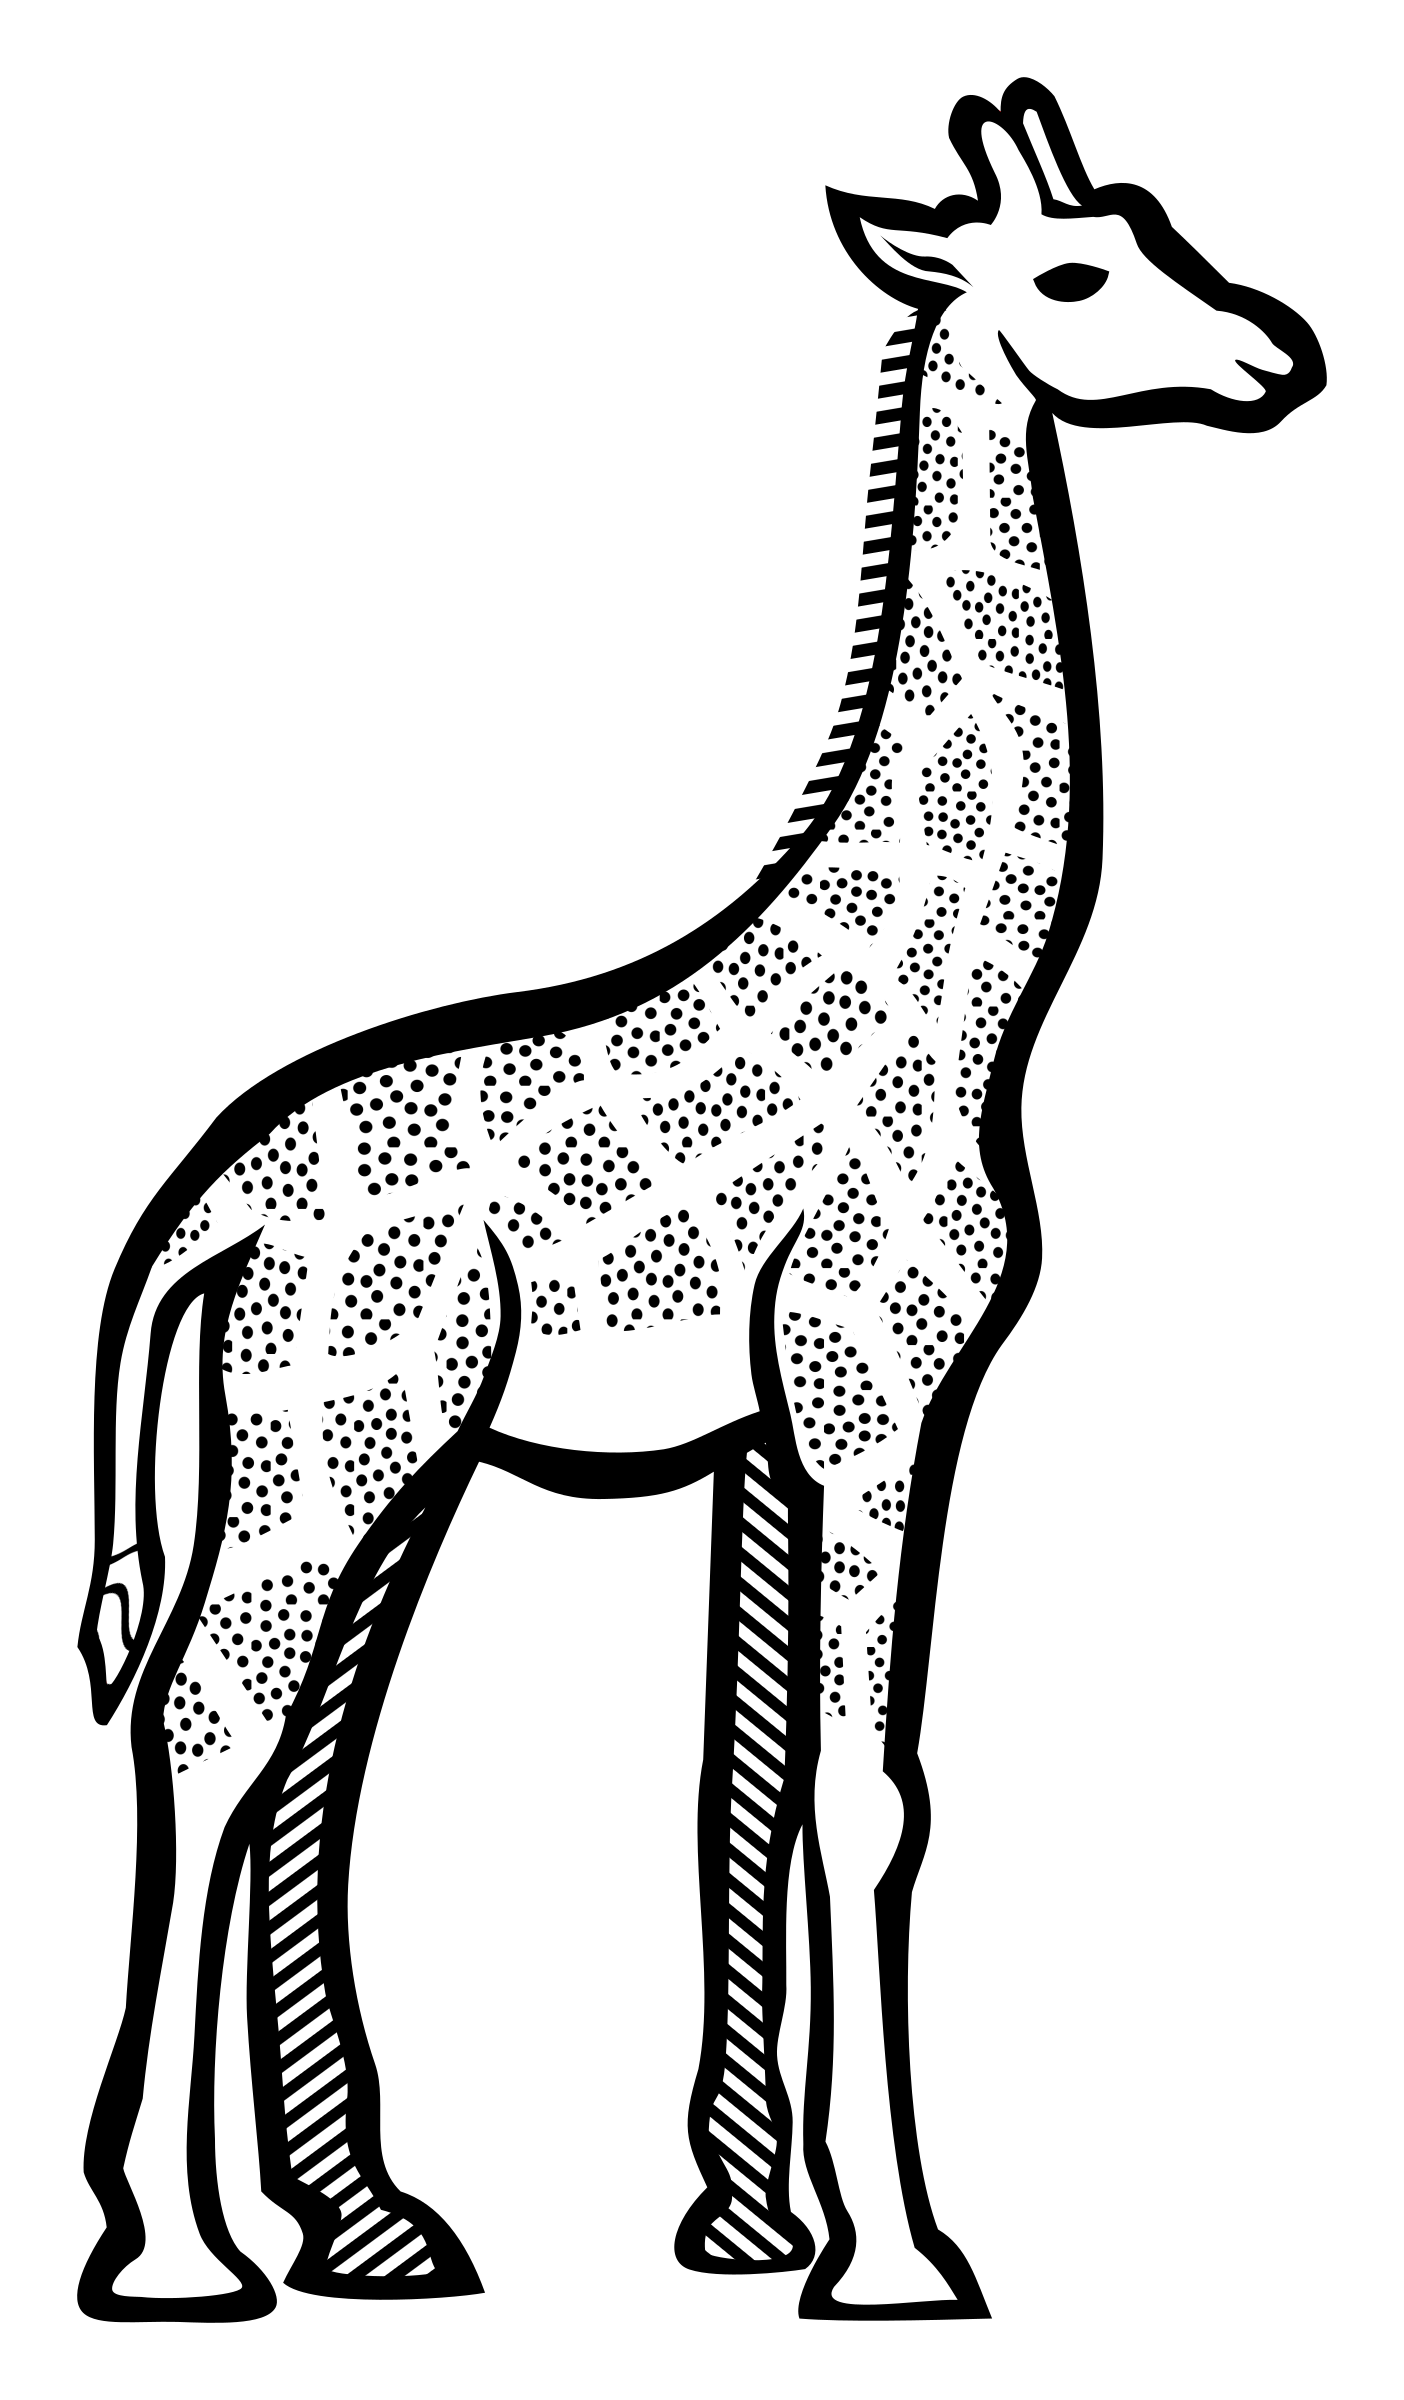 Line Art Giraffe : Giraffe line art clipart best